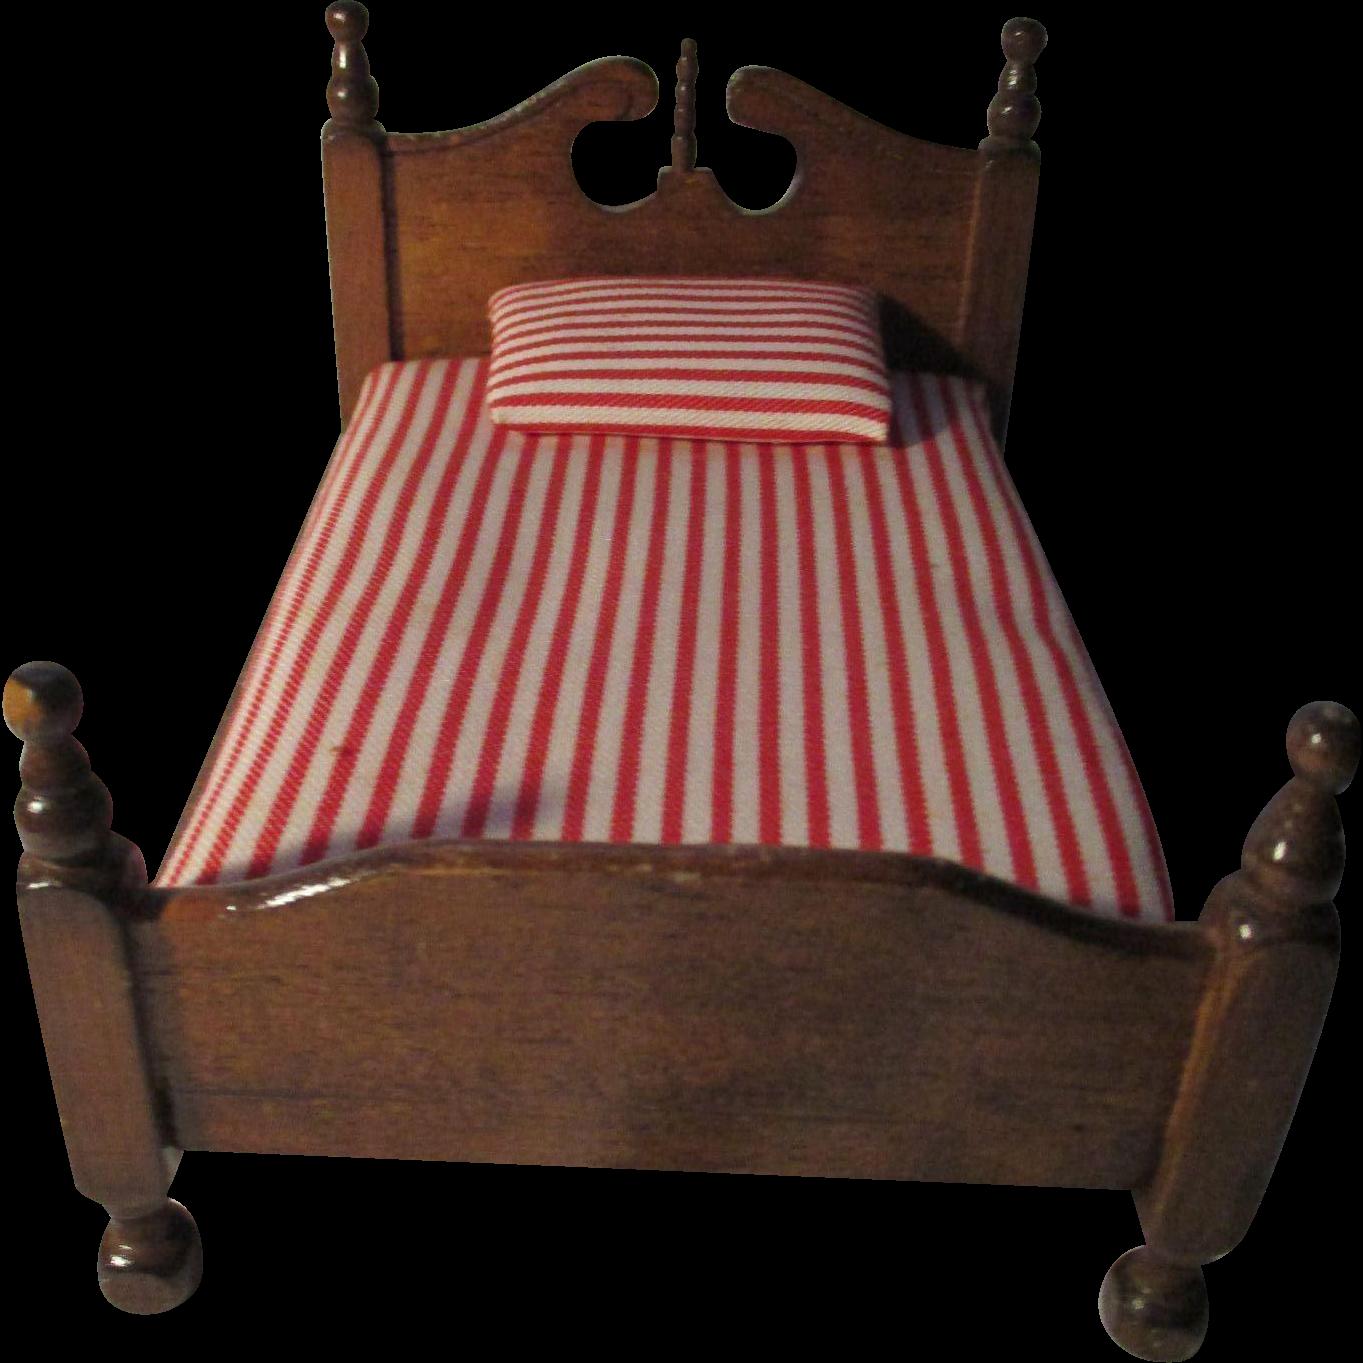 Vintage Wooden Bed 78